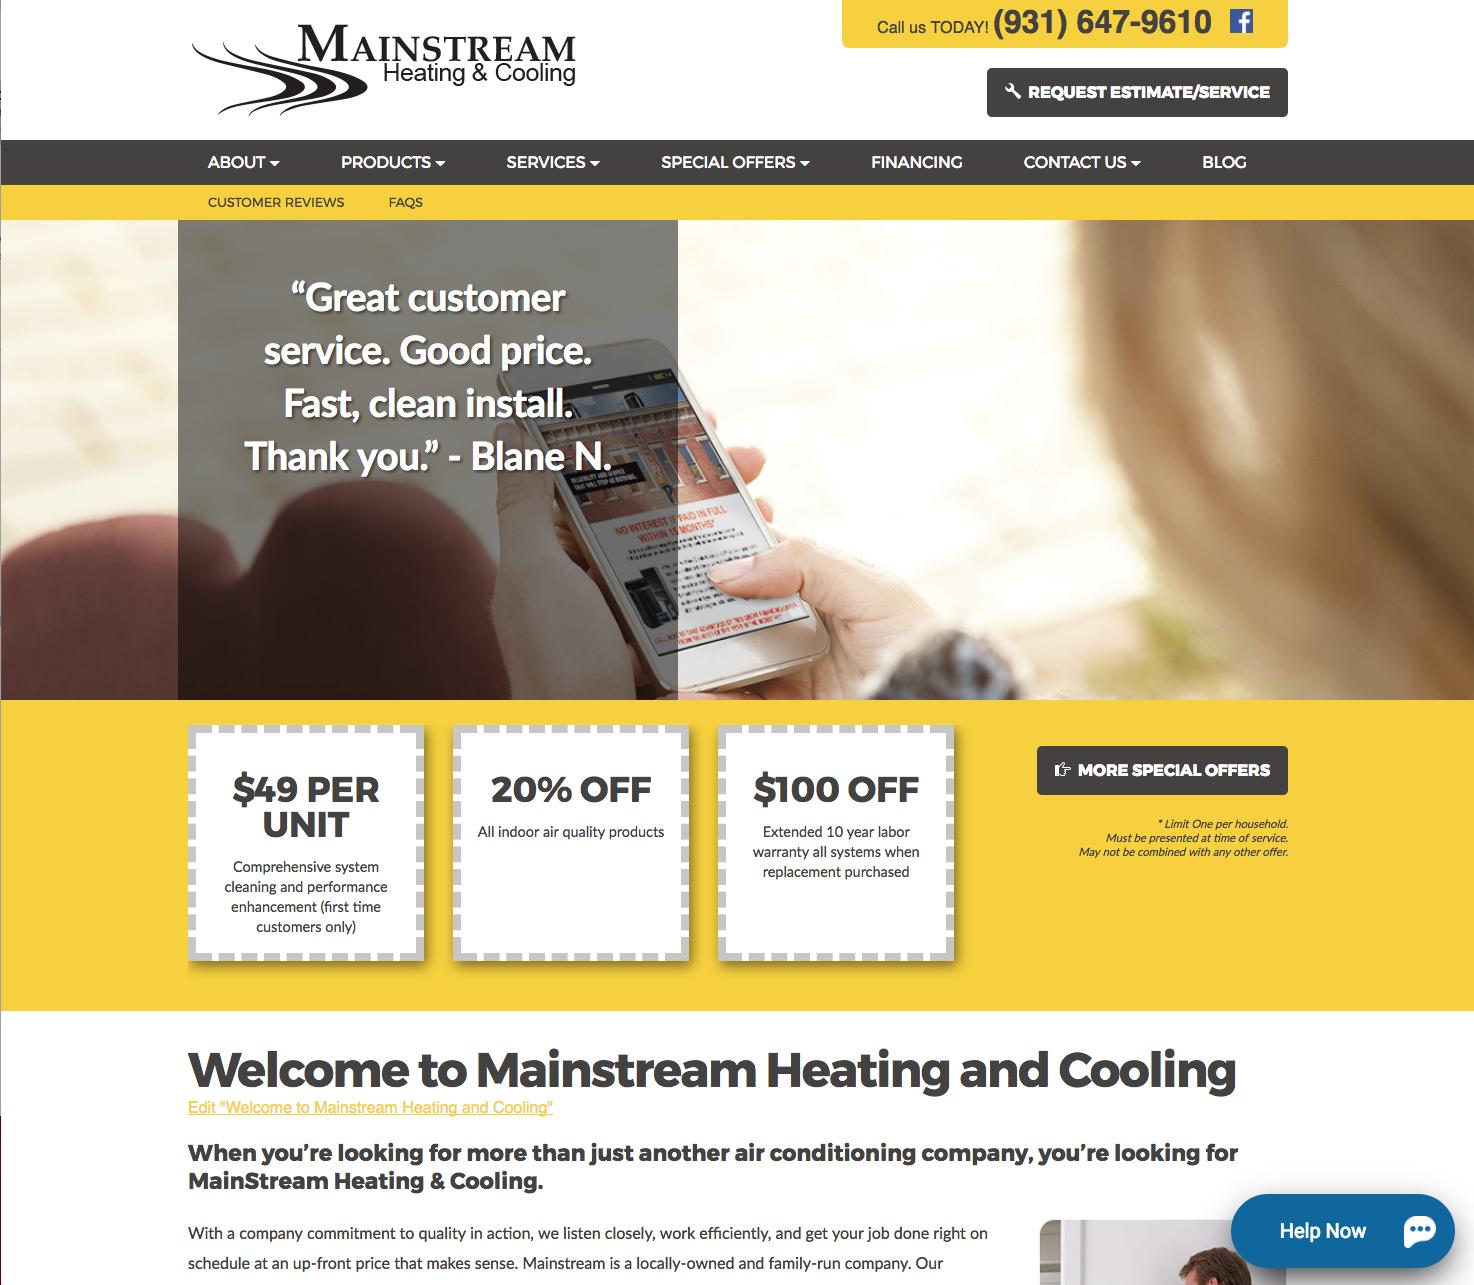 Mainstream website